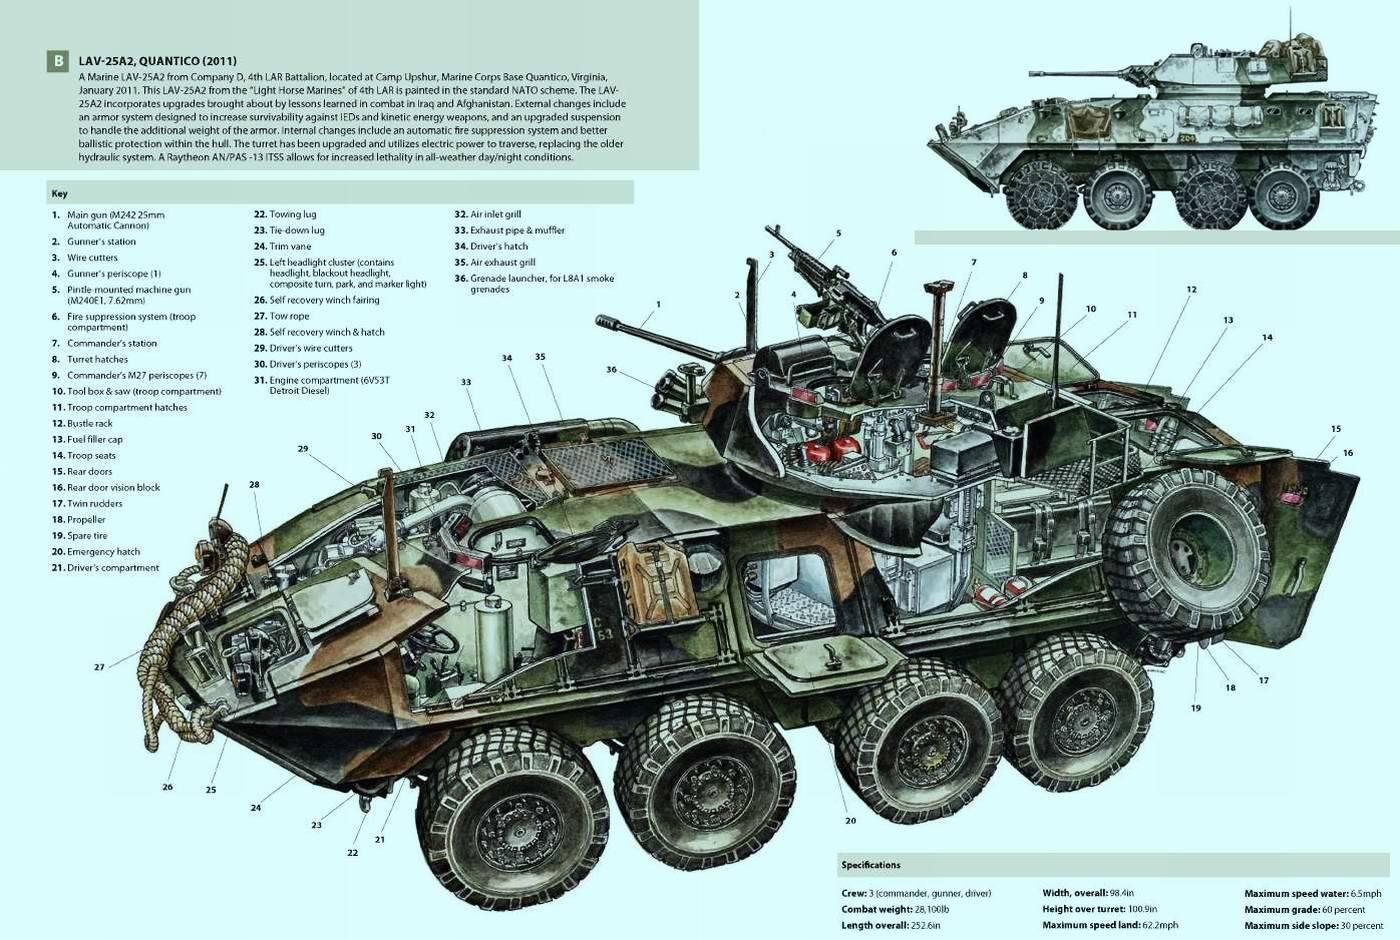 Евграфьев а.в. - бронетранспортёр бтр-80 - техническое описание и инструкция по эксплуатации (то и иэ), страница 35